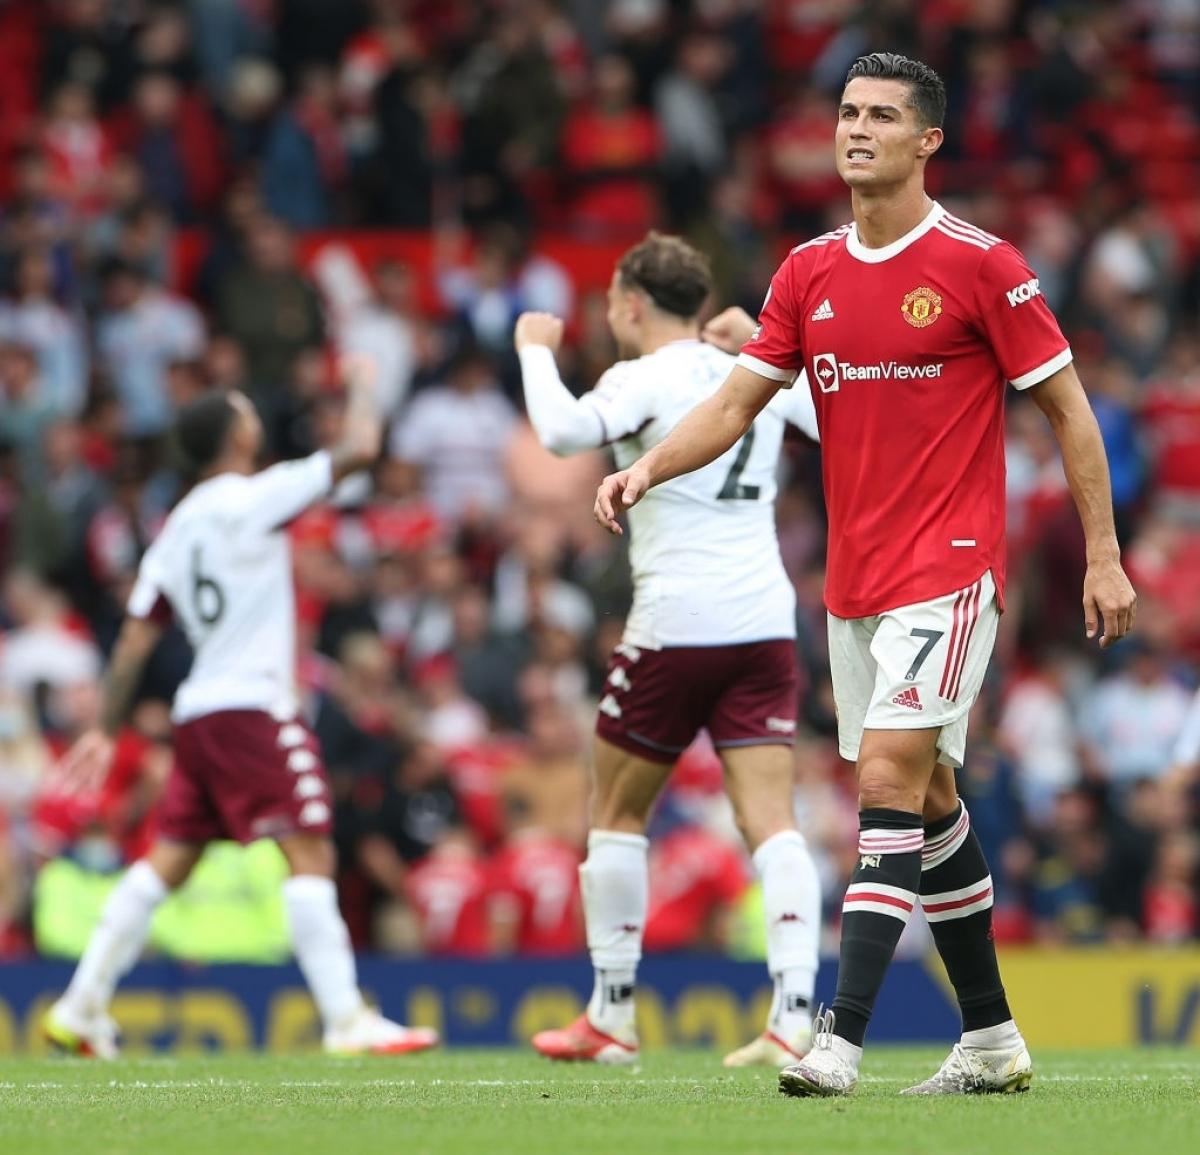 Nếu người sút phạt đền là Cristiano Ronaldo thì MU đã thoát thua? (Ảnh: Getty)